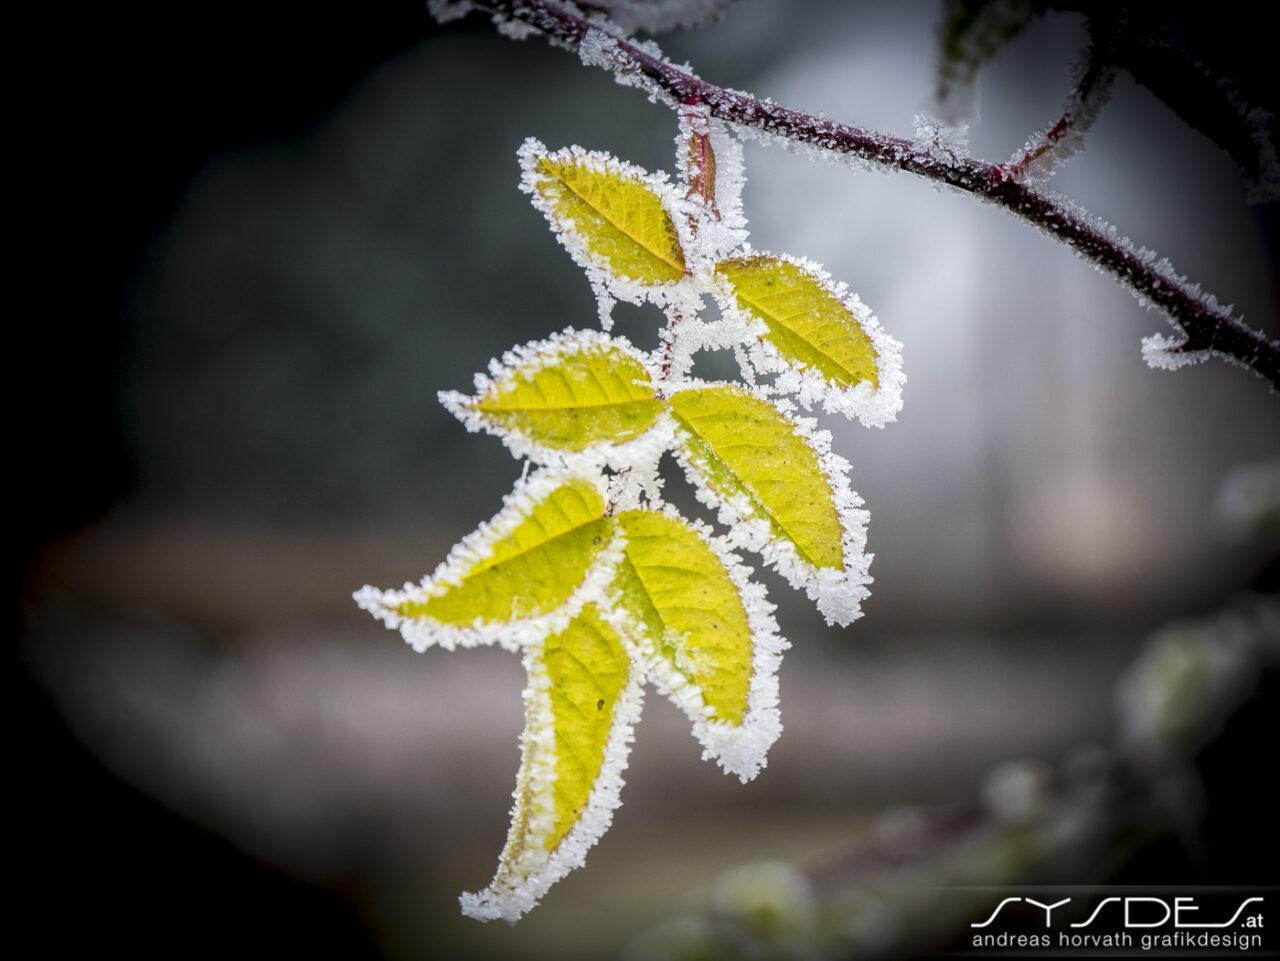 Fotografie Jahreszeiten